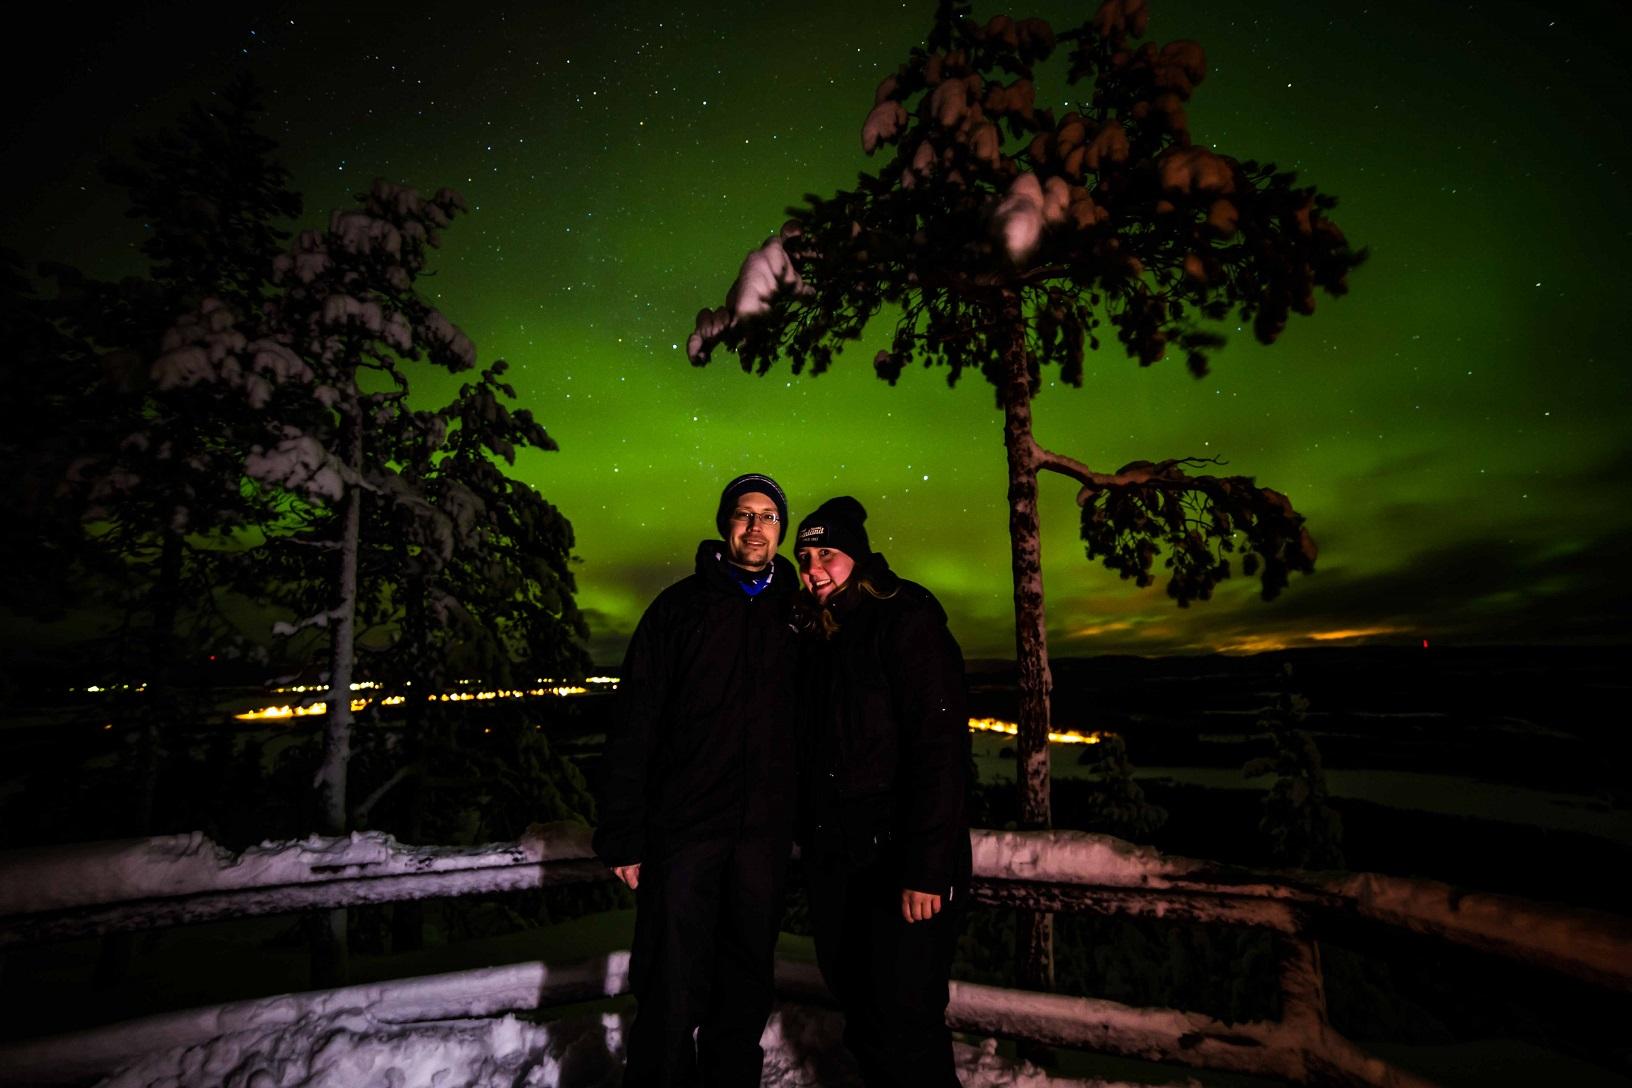 Nordlicht in Lappland